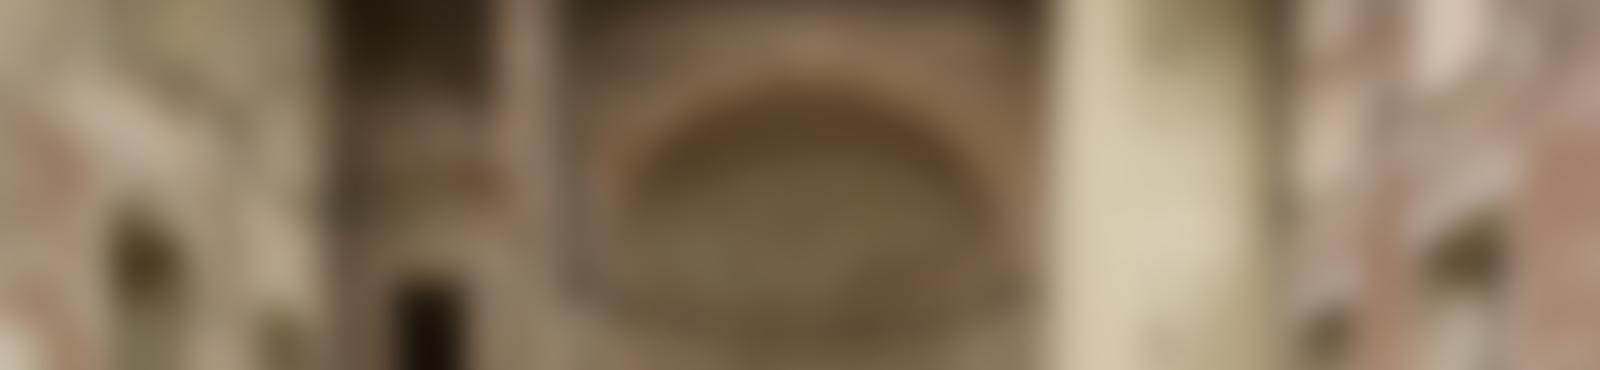 Blurred 7c7e585d 06b3 4db1 96ec 84062dc6ced6